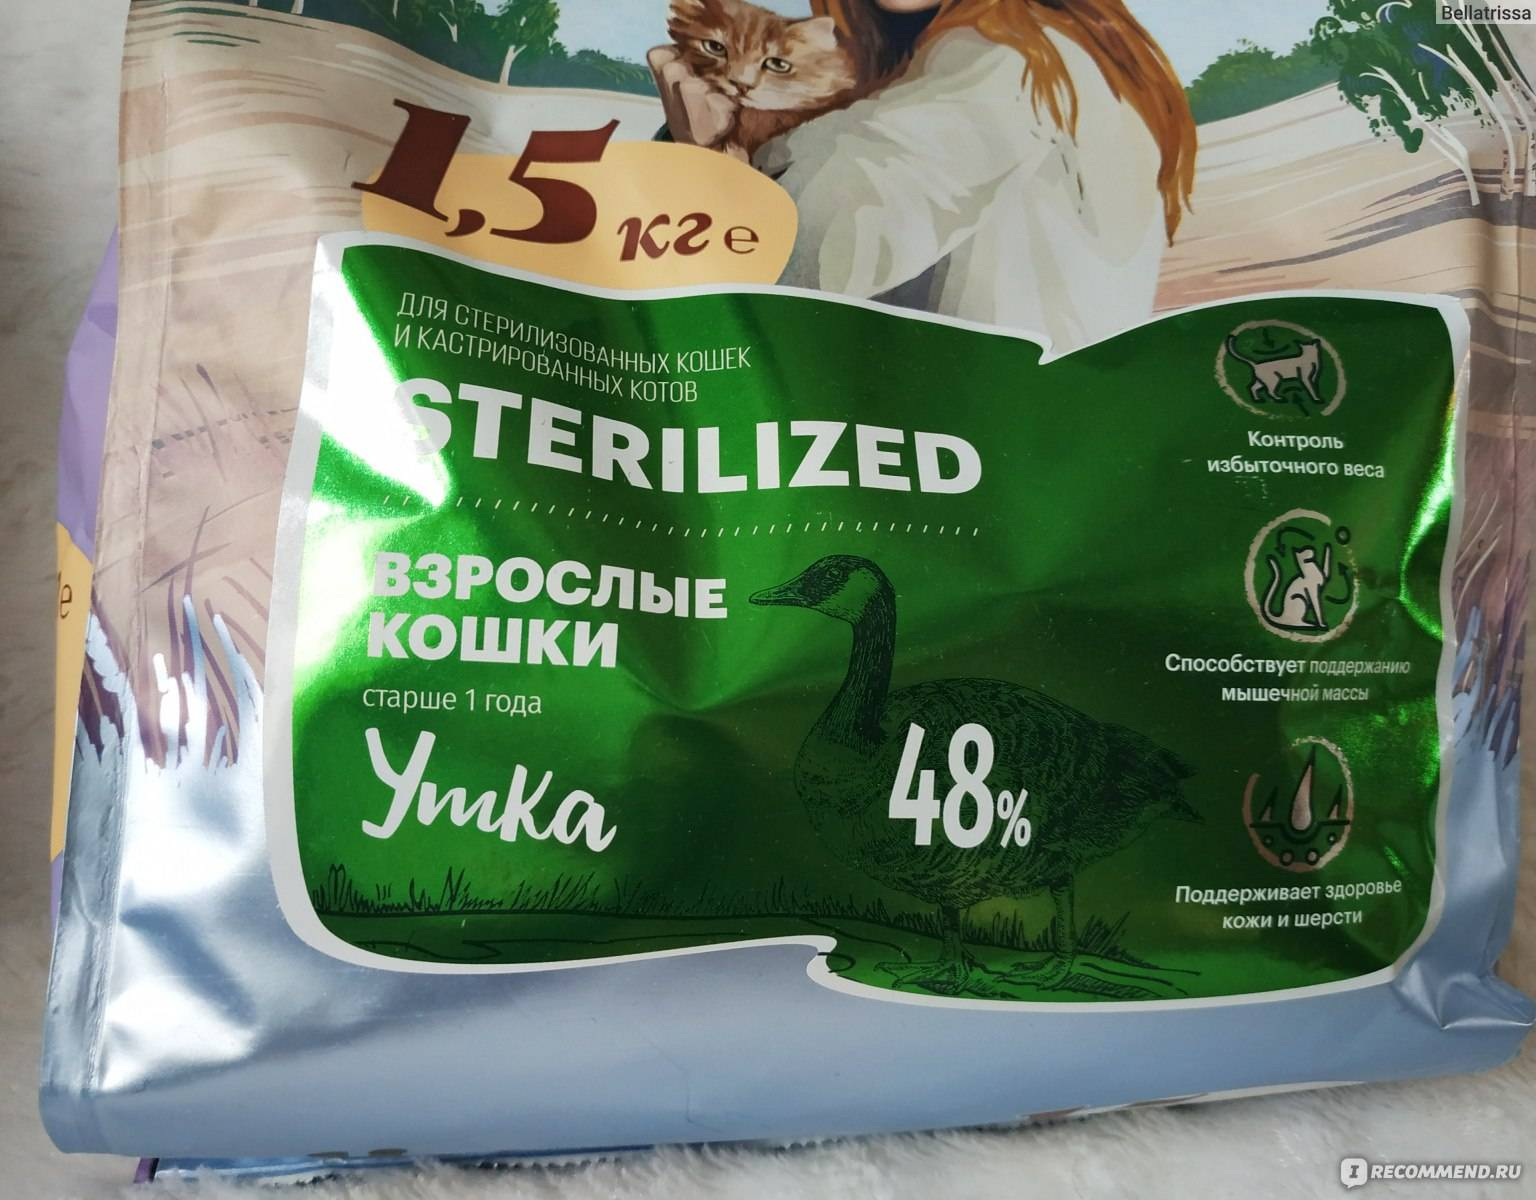 Как правильно кормить кошек сухими кормами: дозировка для кота